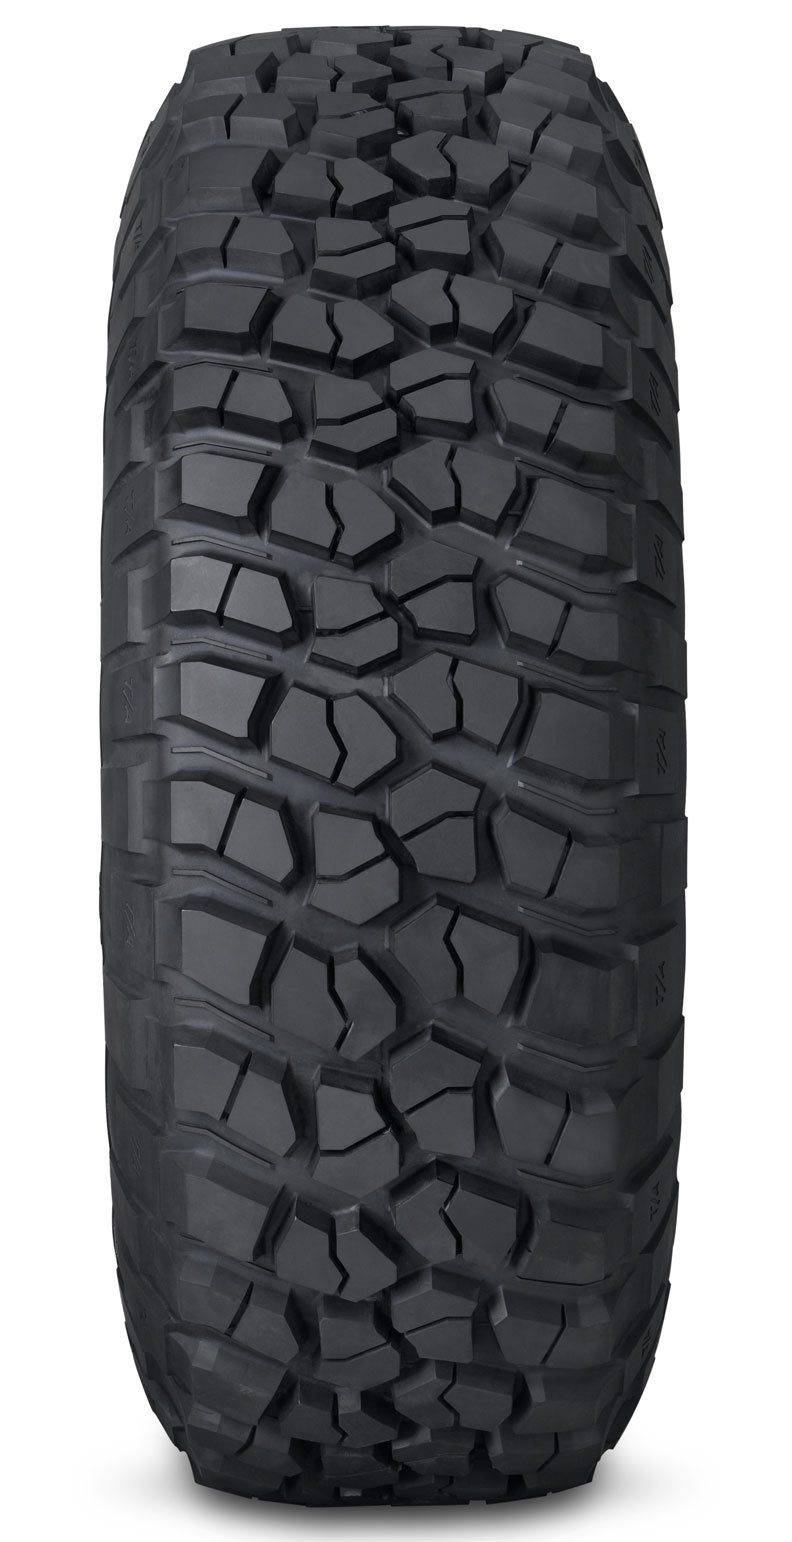 Neumático BF GOODRICH MUD TERRAIN 31/105R15 109 Q